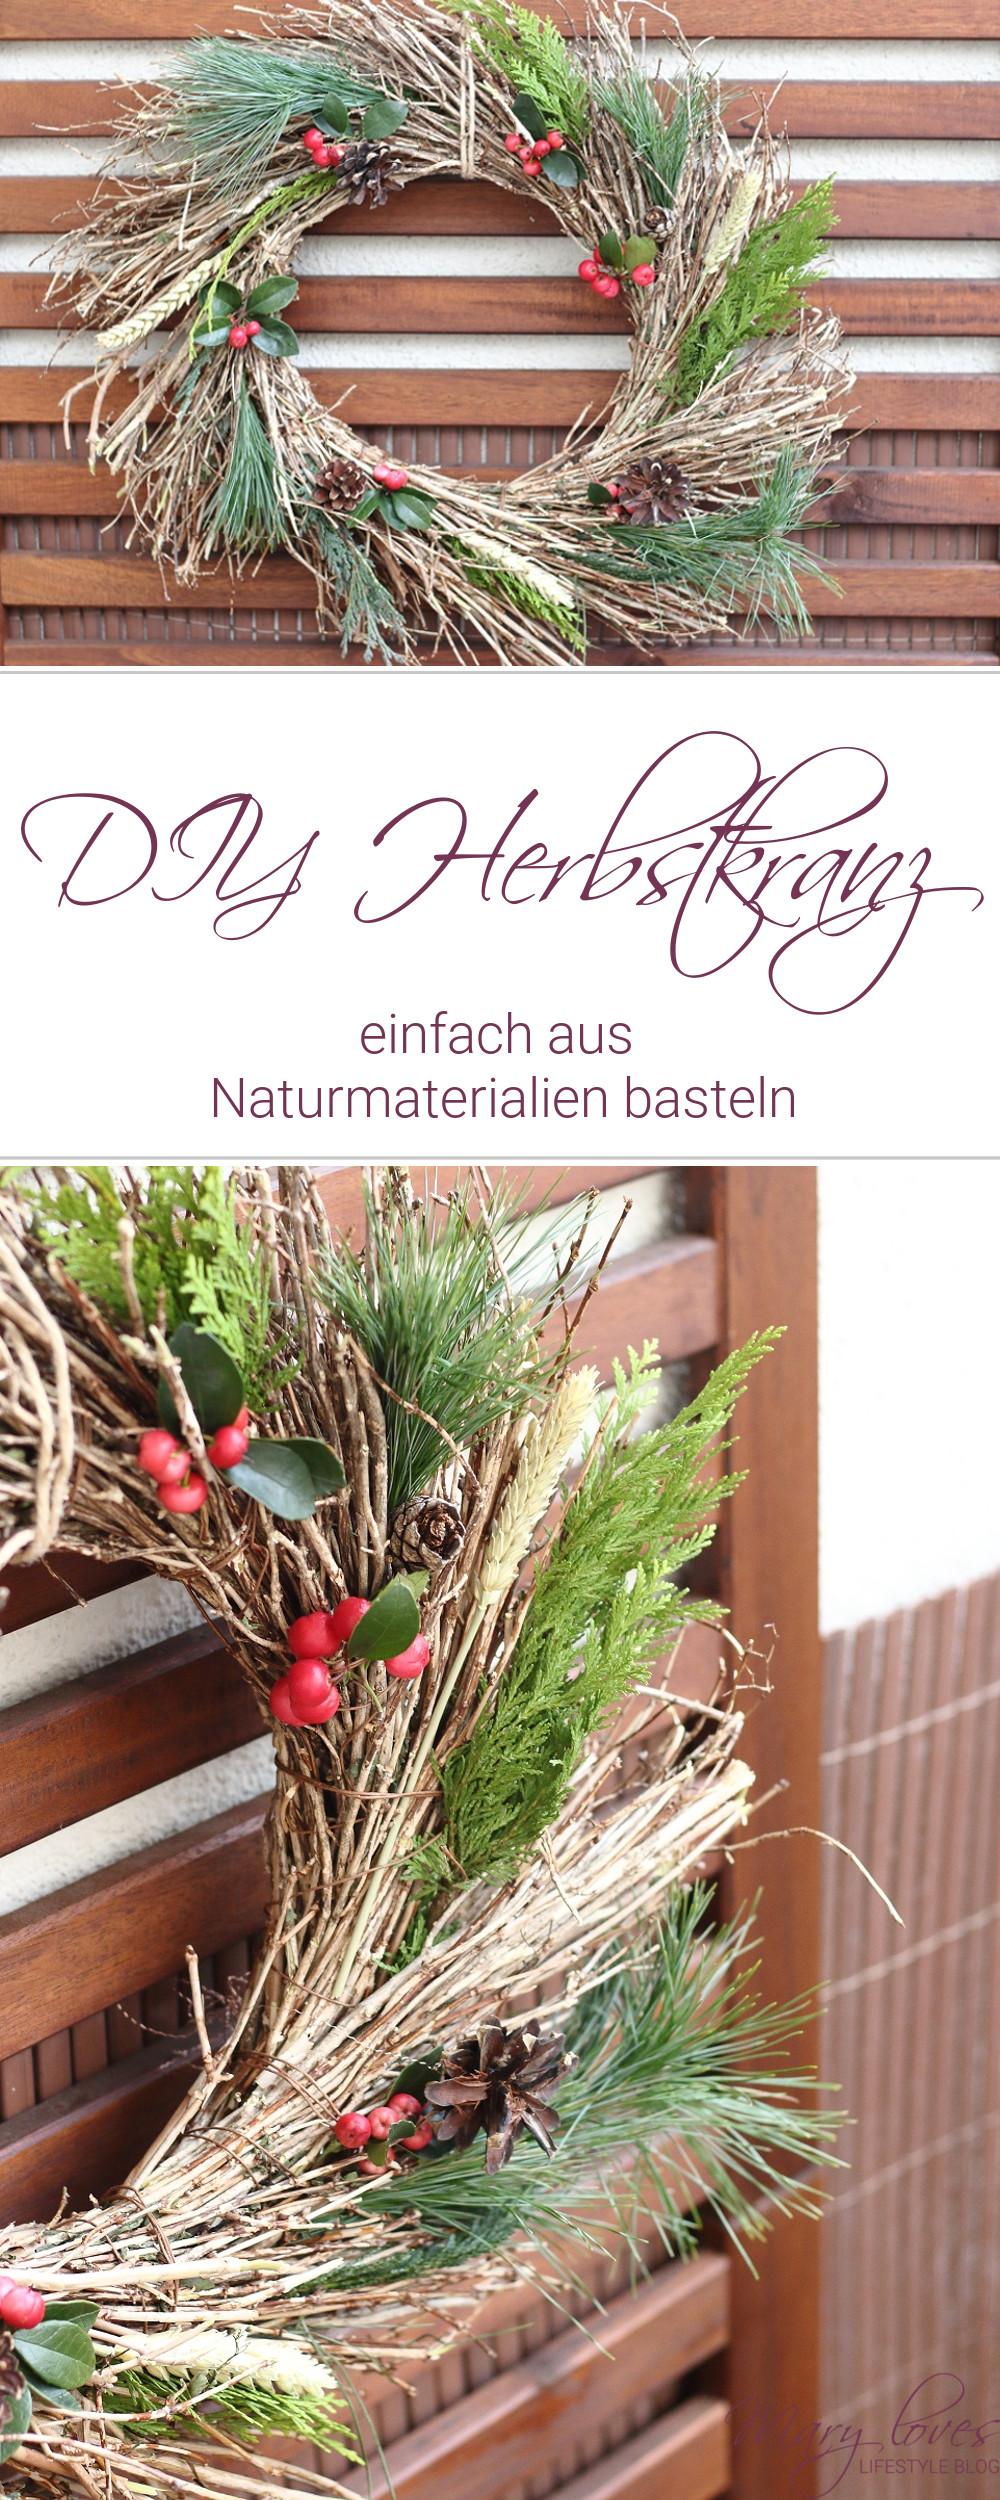 DIY Herbstkranz aus Naturmaterialien basteln - #herbstdeko #herbstkranz #diyherbstdeko #herbstbasteln #naturdeko #naturmaterialien #natürlichedeko #dekokranz